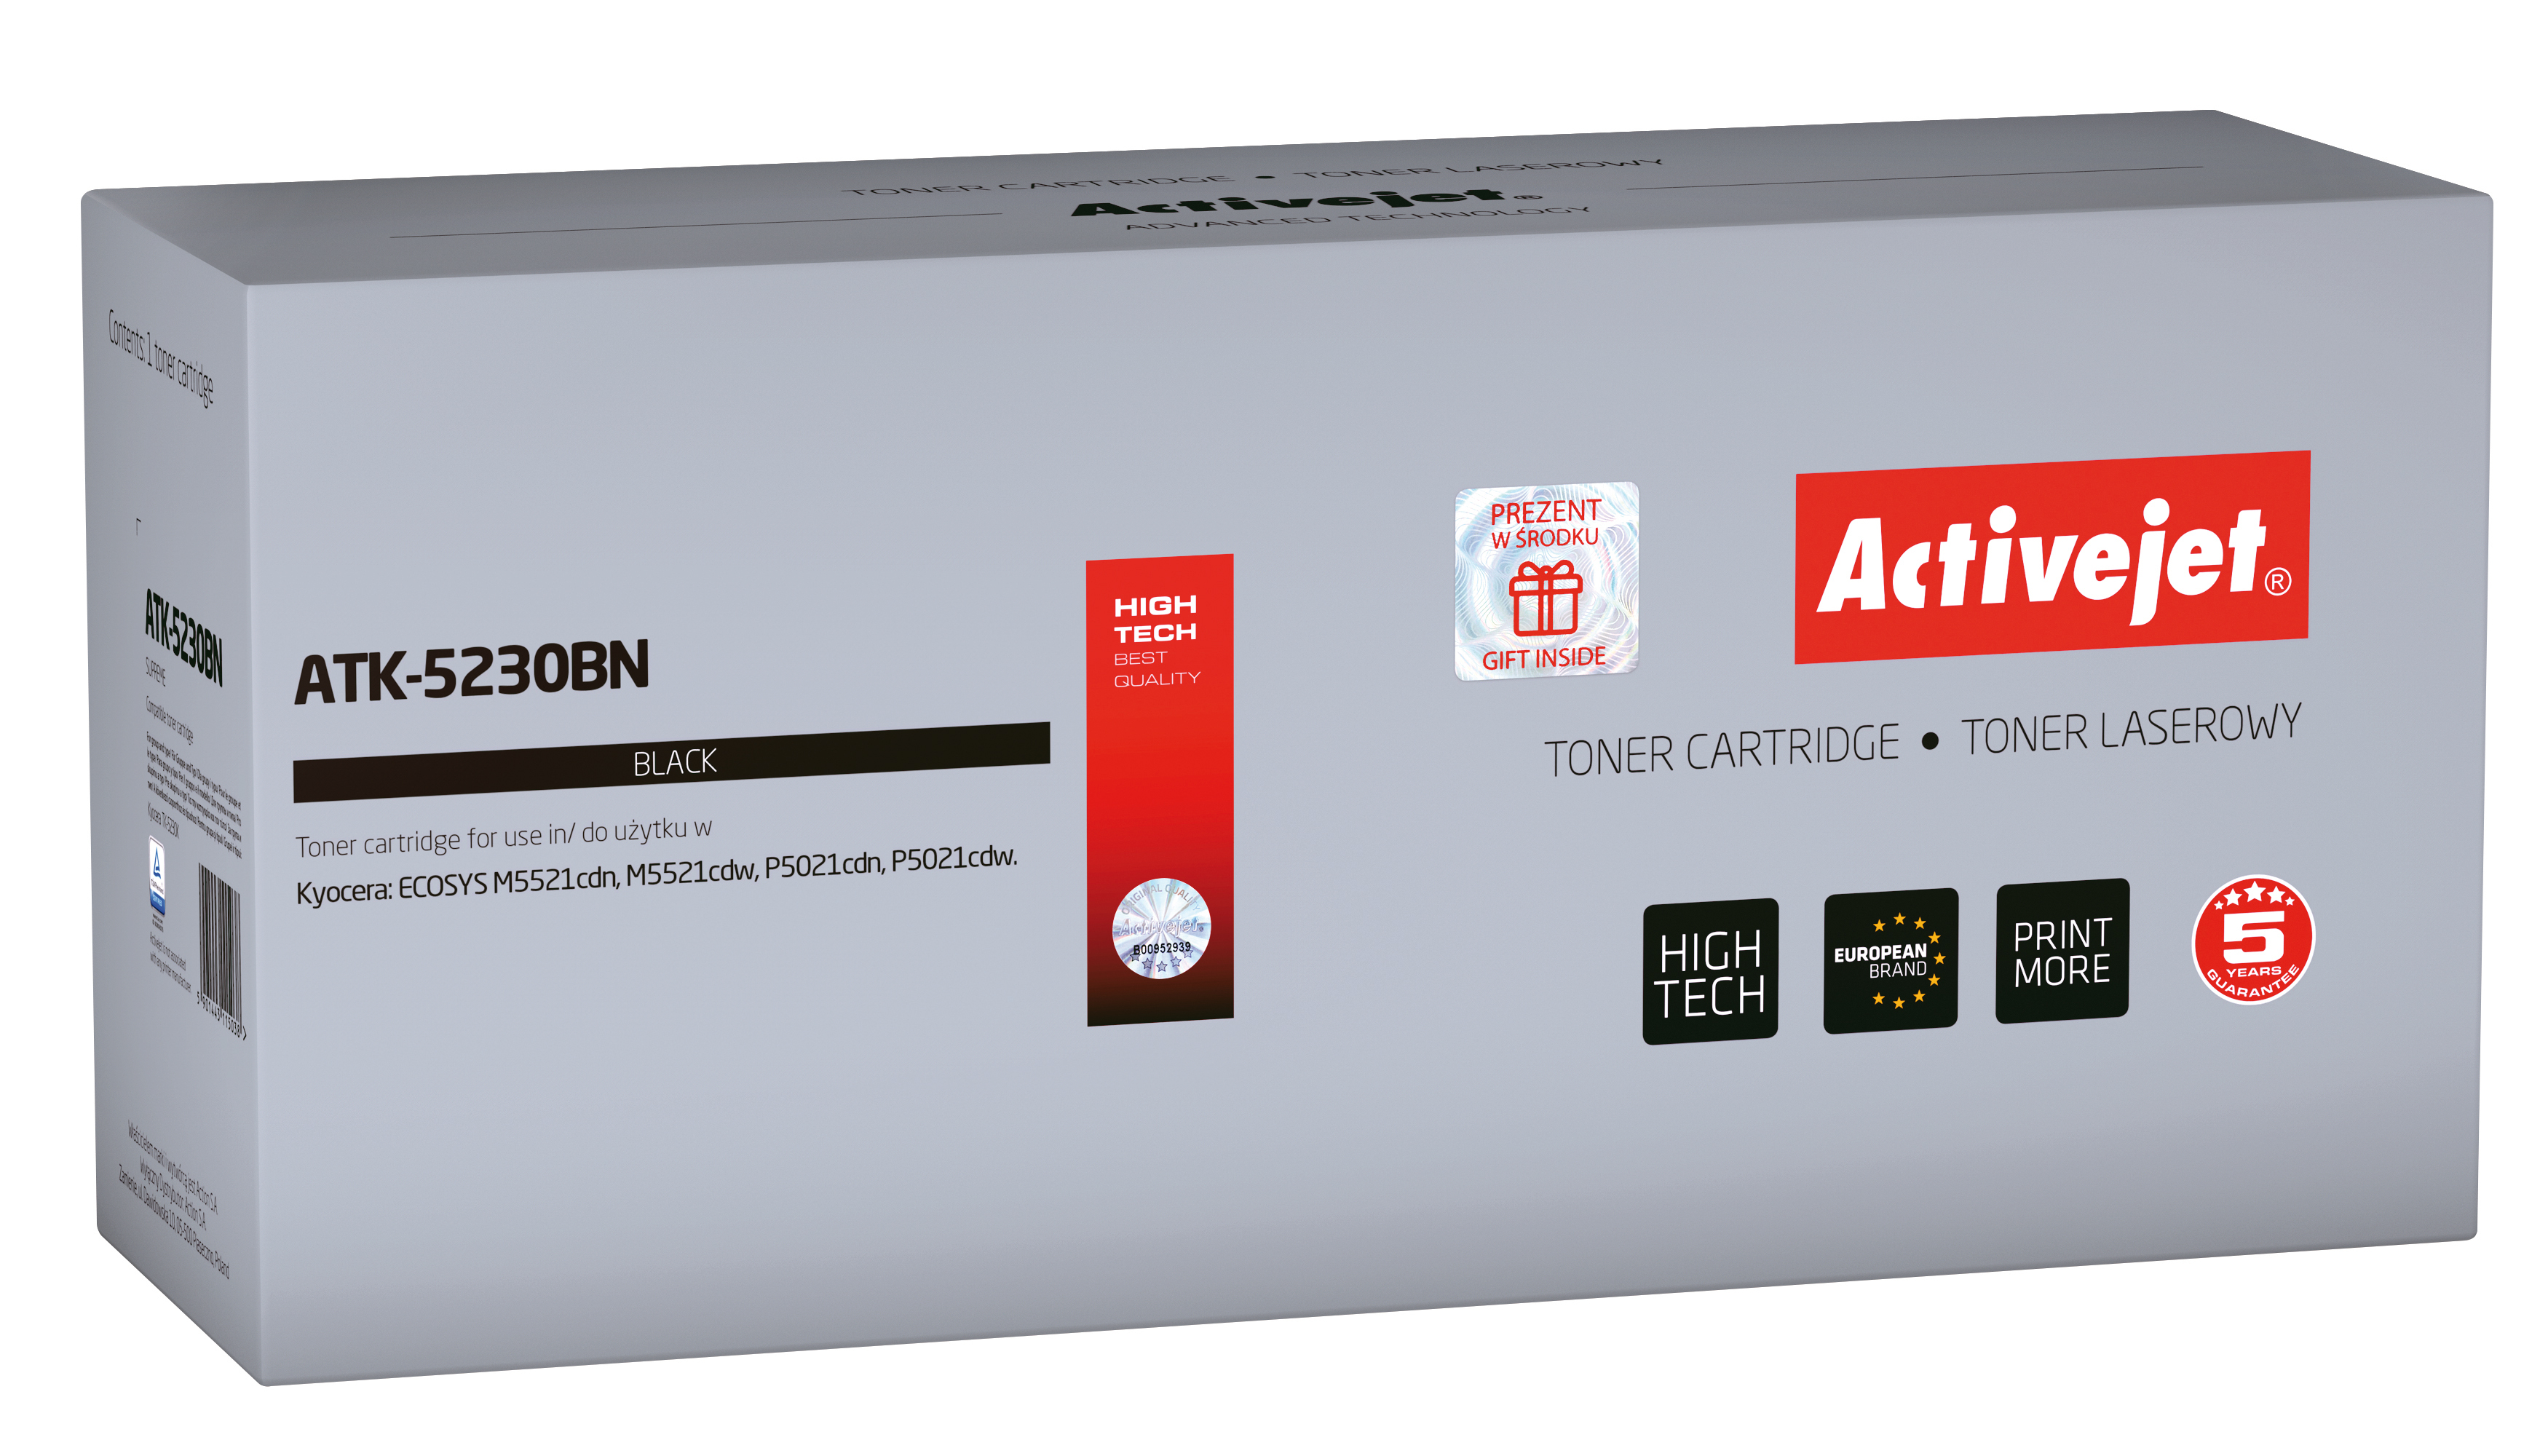 Toner Activejet  ATK-5230BN do drukarki Kyocera, Zamiennik Kyocera TK-5230K; Supreme; 2600 stron; Czarny.